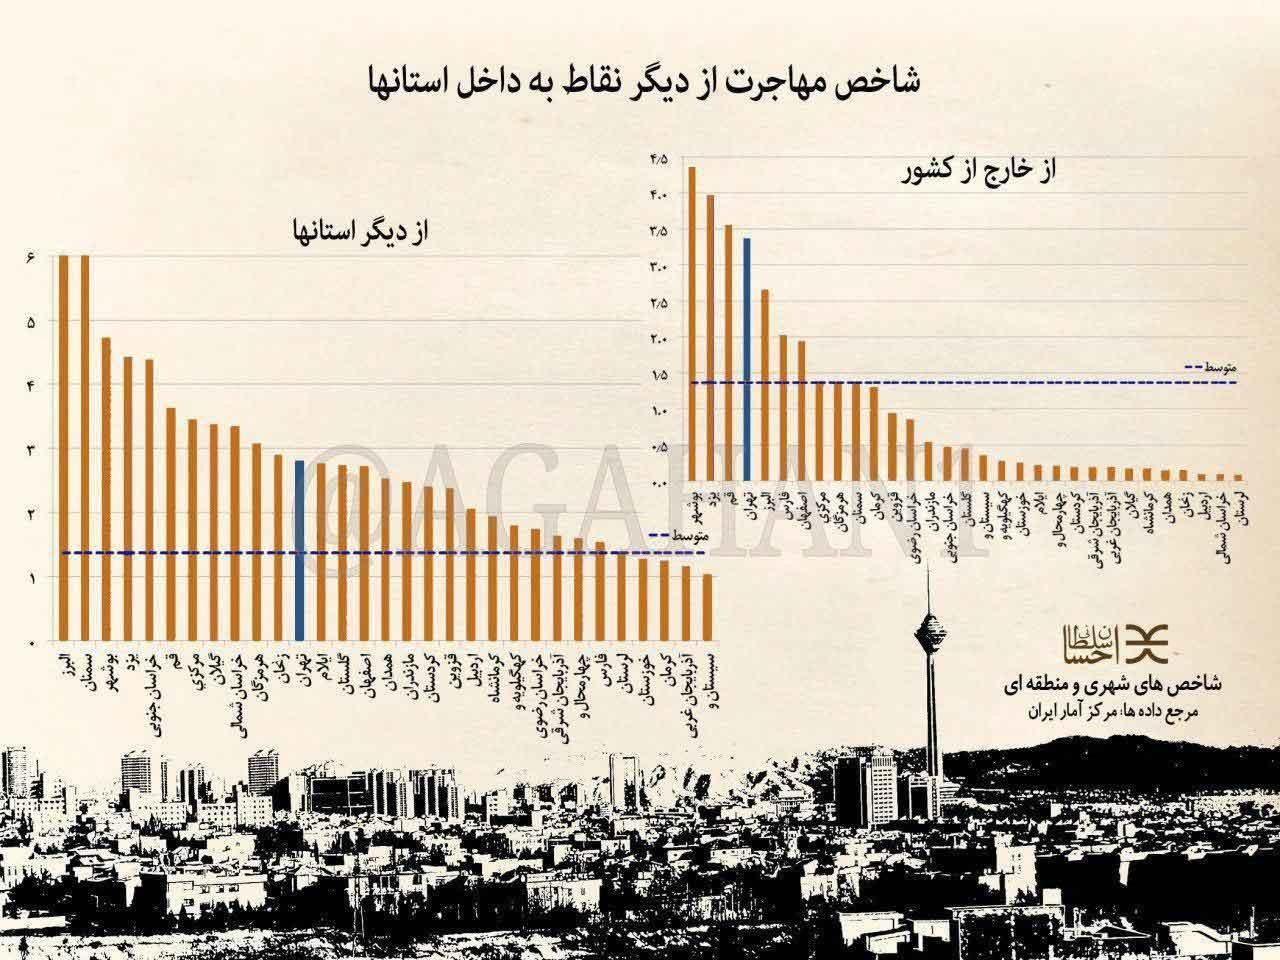 اینفوگرافیک   بوشهر در صدر مهاجر پذیرهای کشور